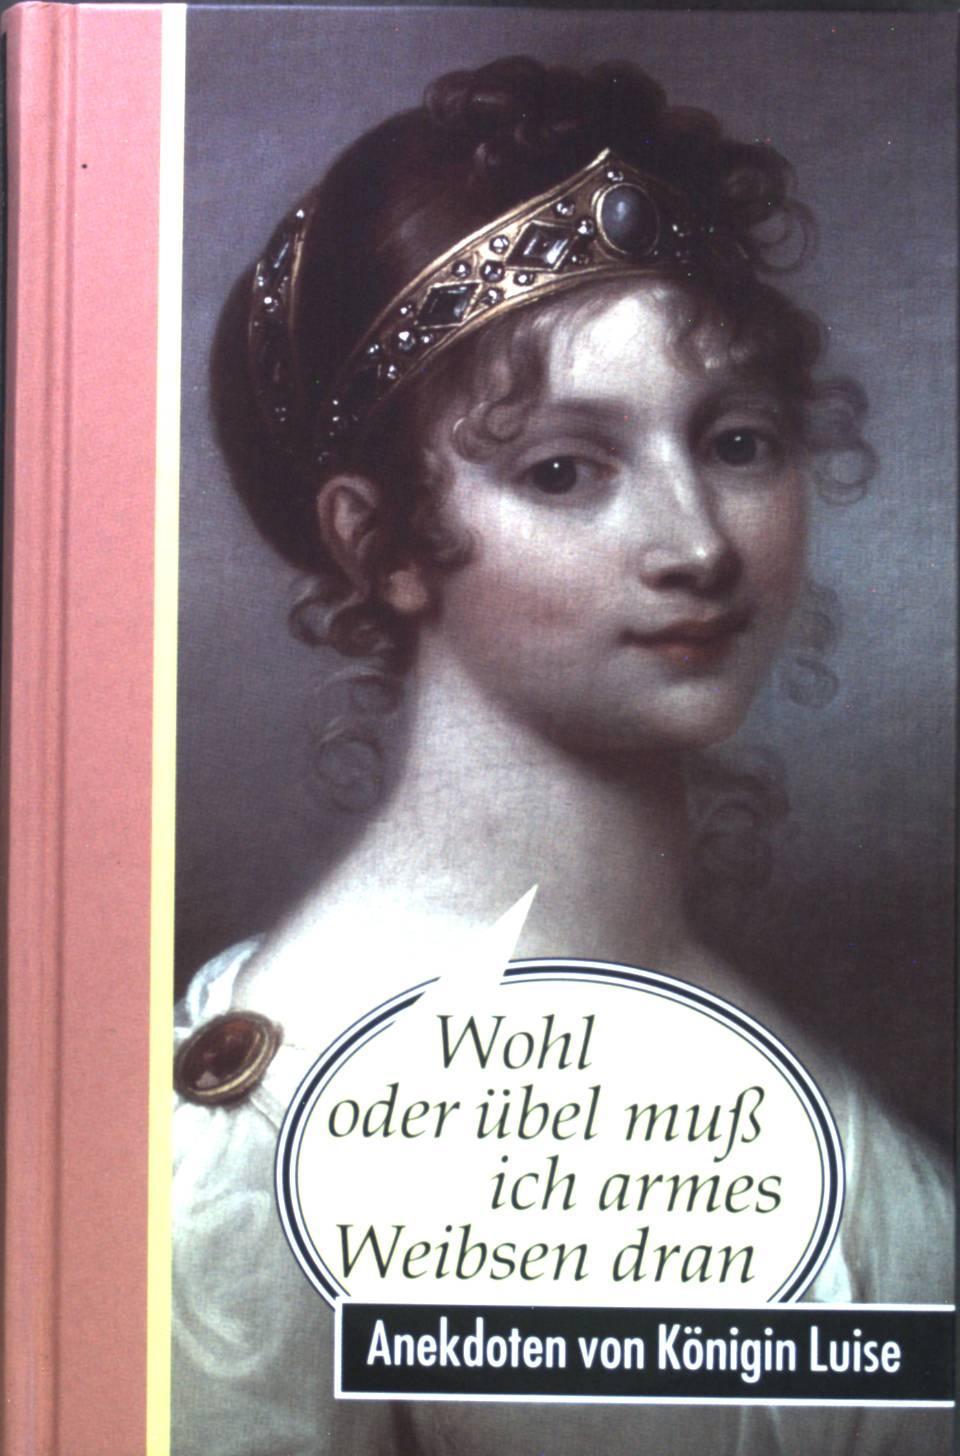 Wohl oder übel muß ich armes Weibsen dran : Anekdoten von Königin Luise. - Kirschey-Feix, Ingrid